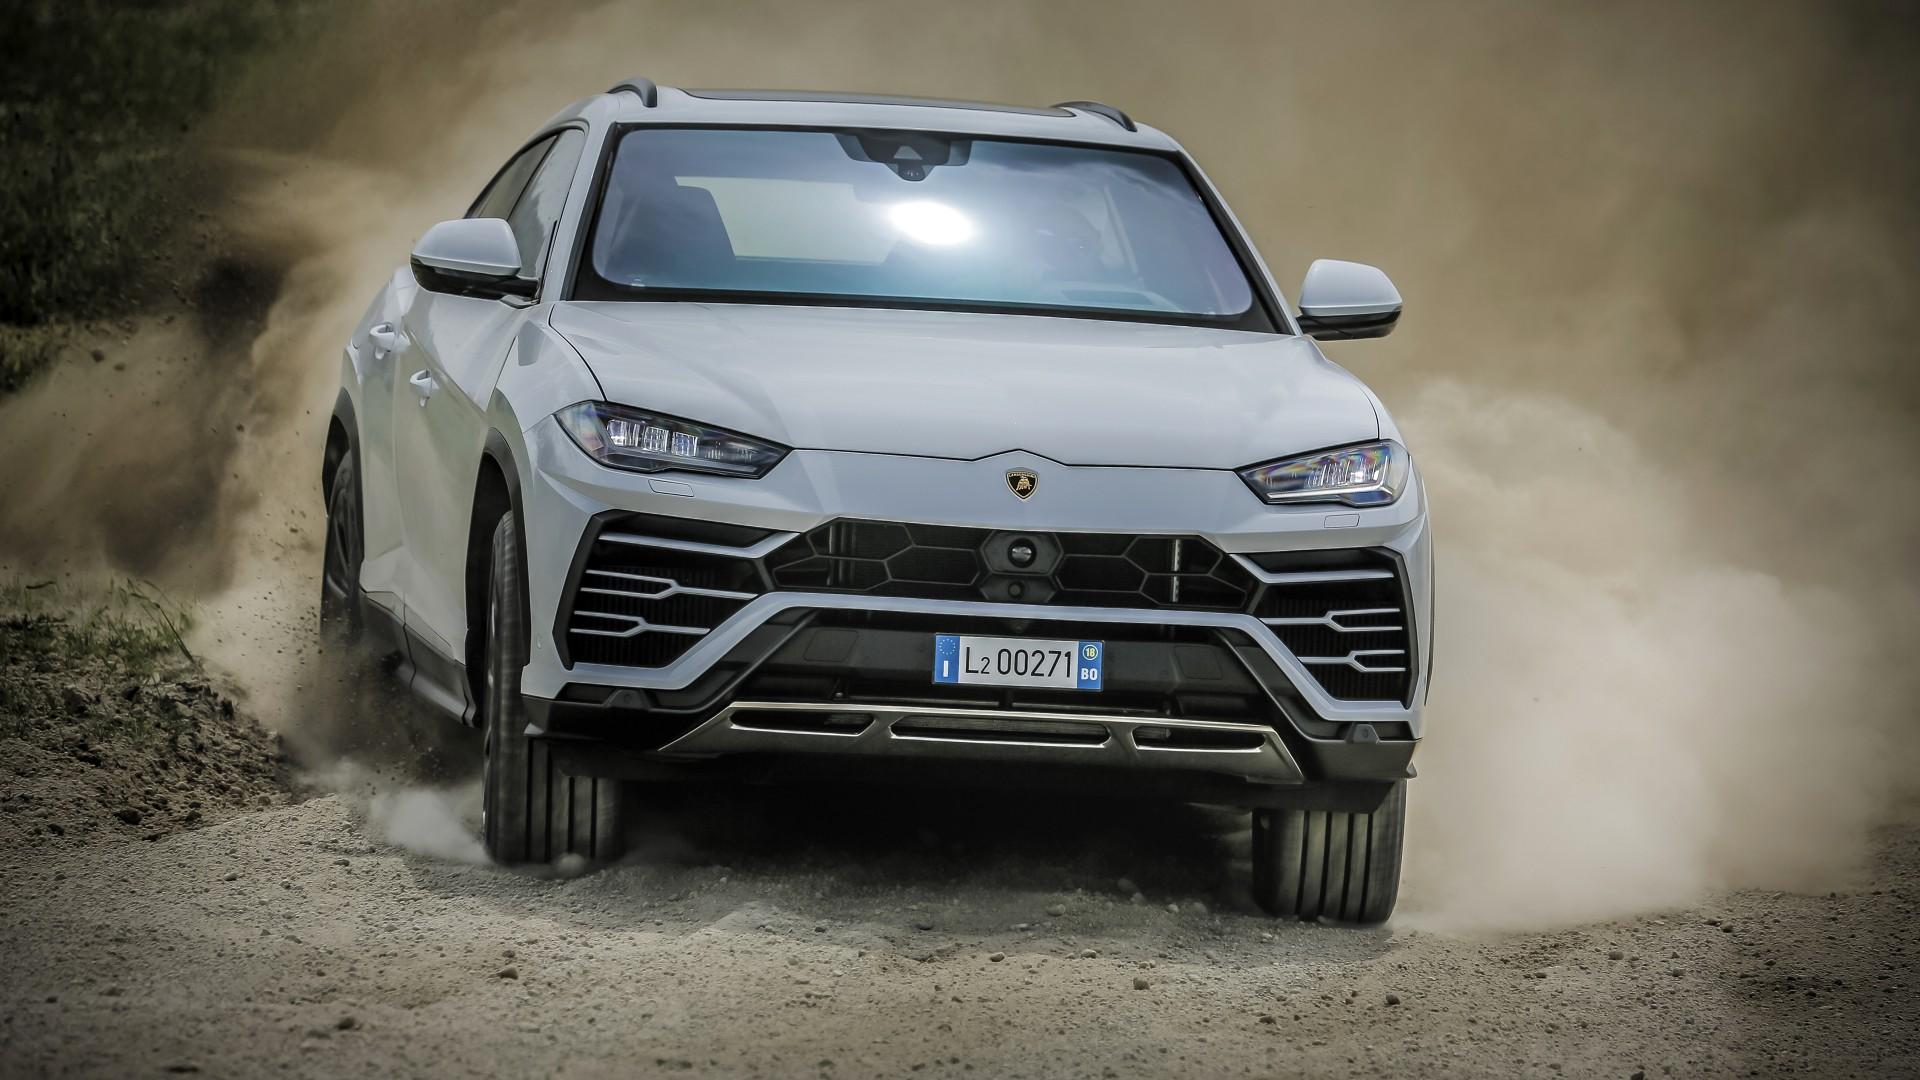 Lamborghini Urus Off-Road Package 2018 4K Wallpaper